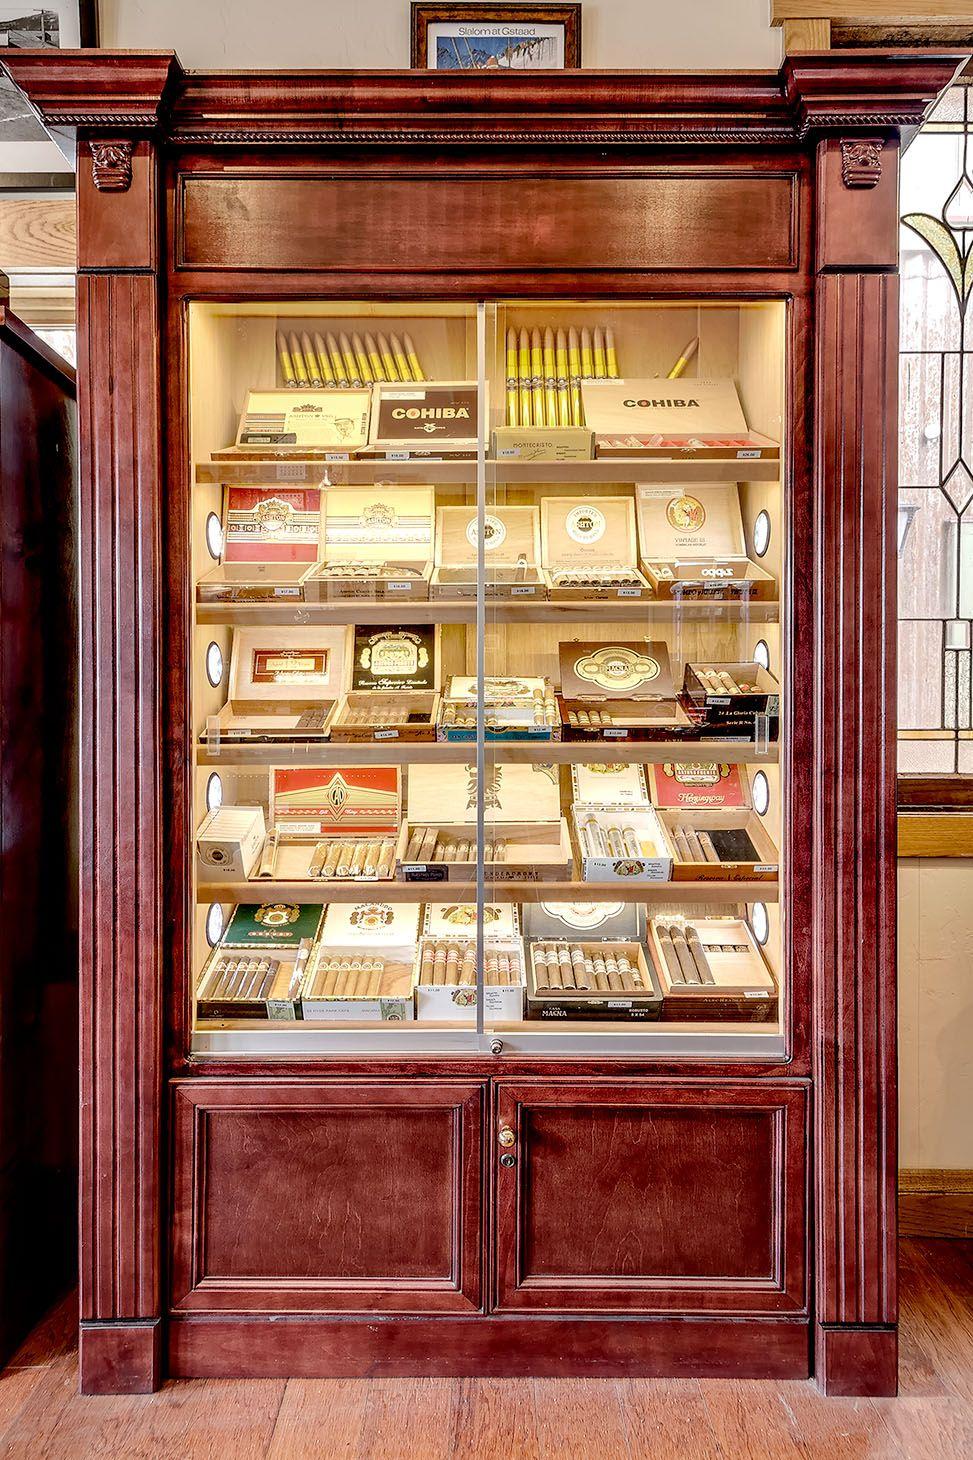 Humidor | Cigars @ Pipes | Pinterest | Cigar humidor and Cigar smoking